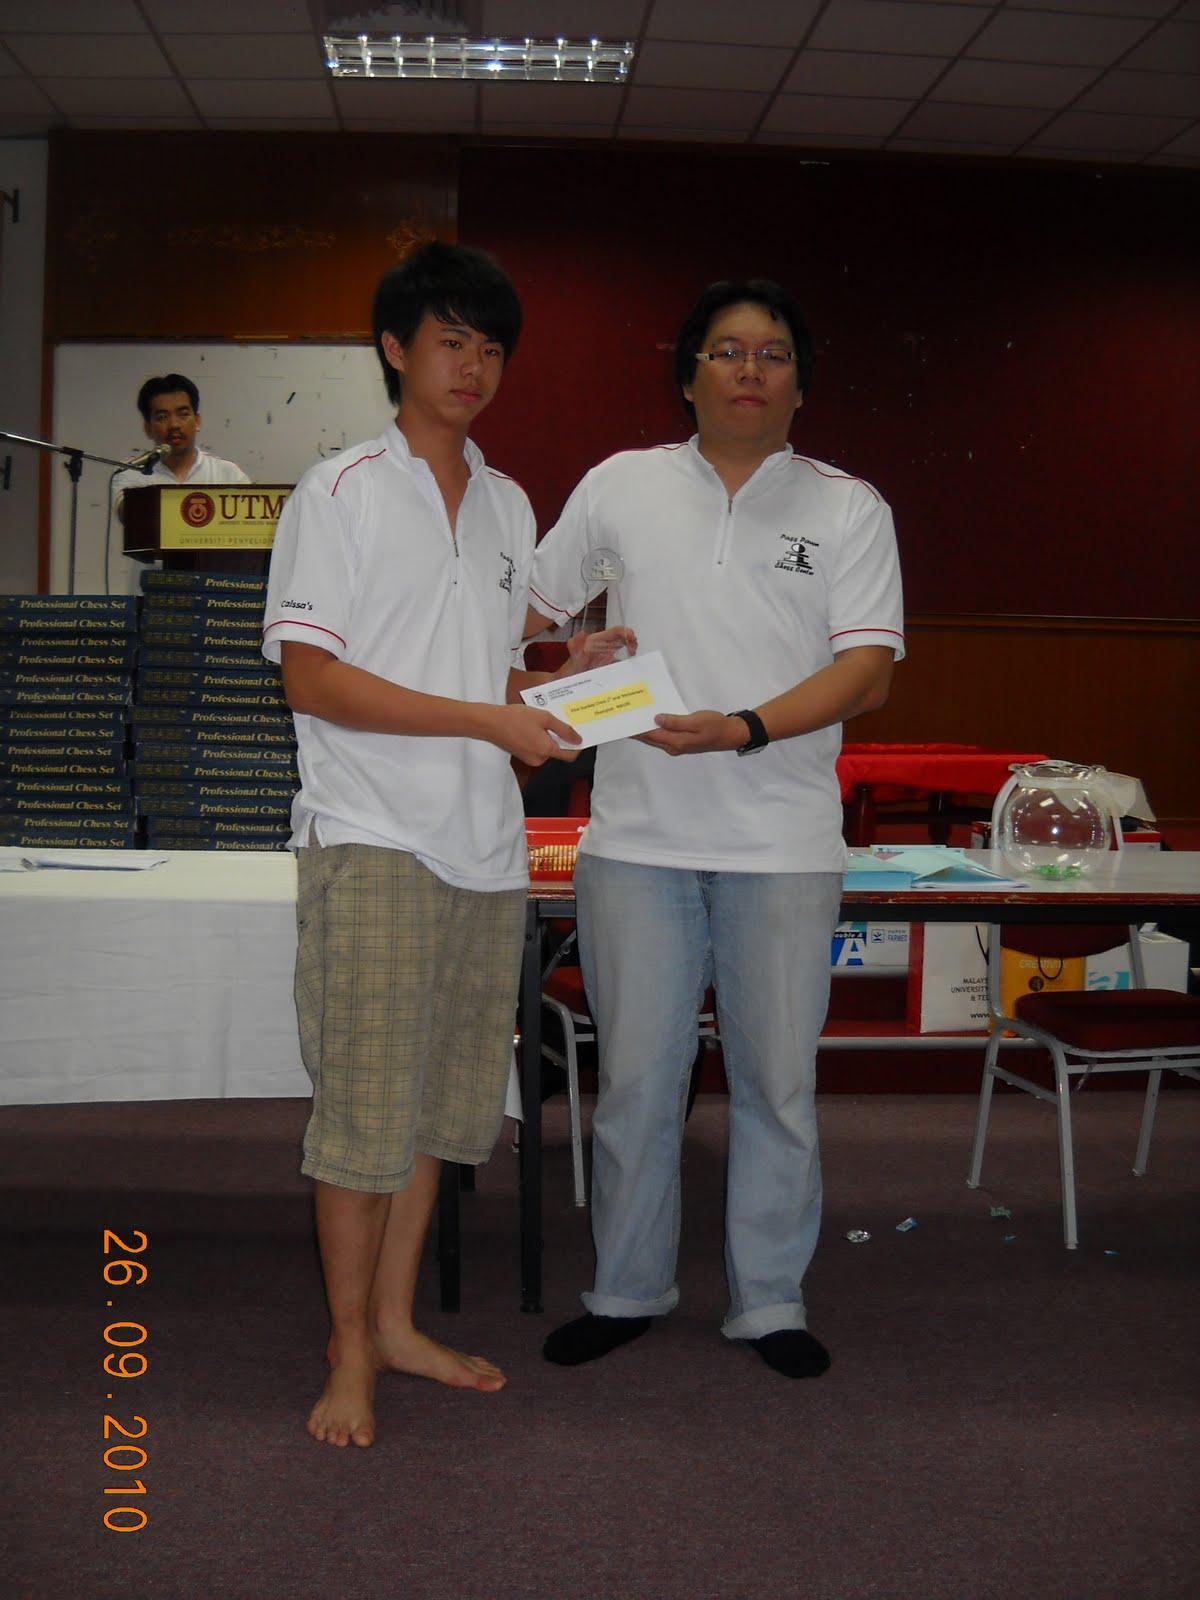 Qing yi yuan matchmaking centre